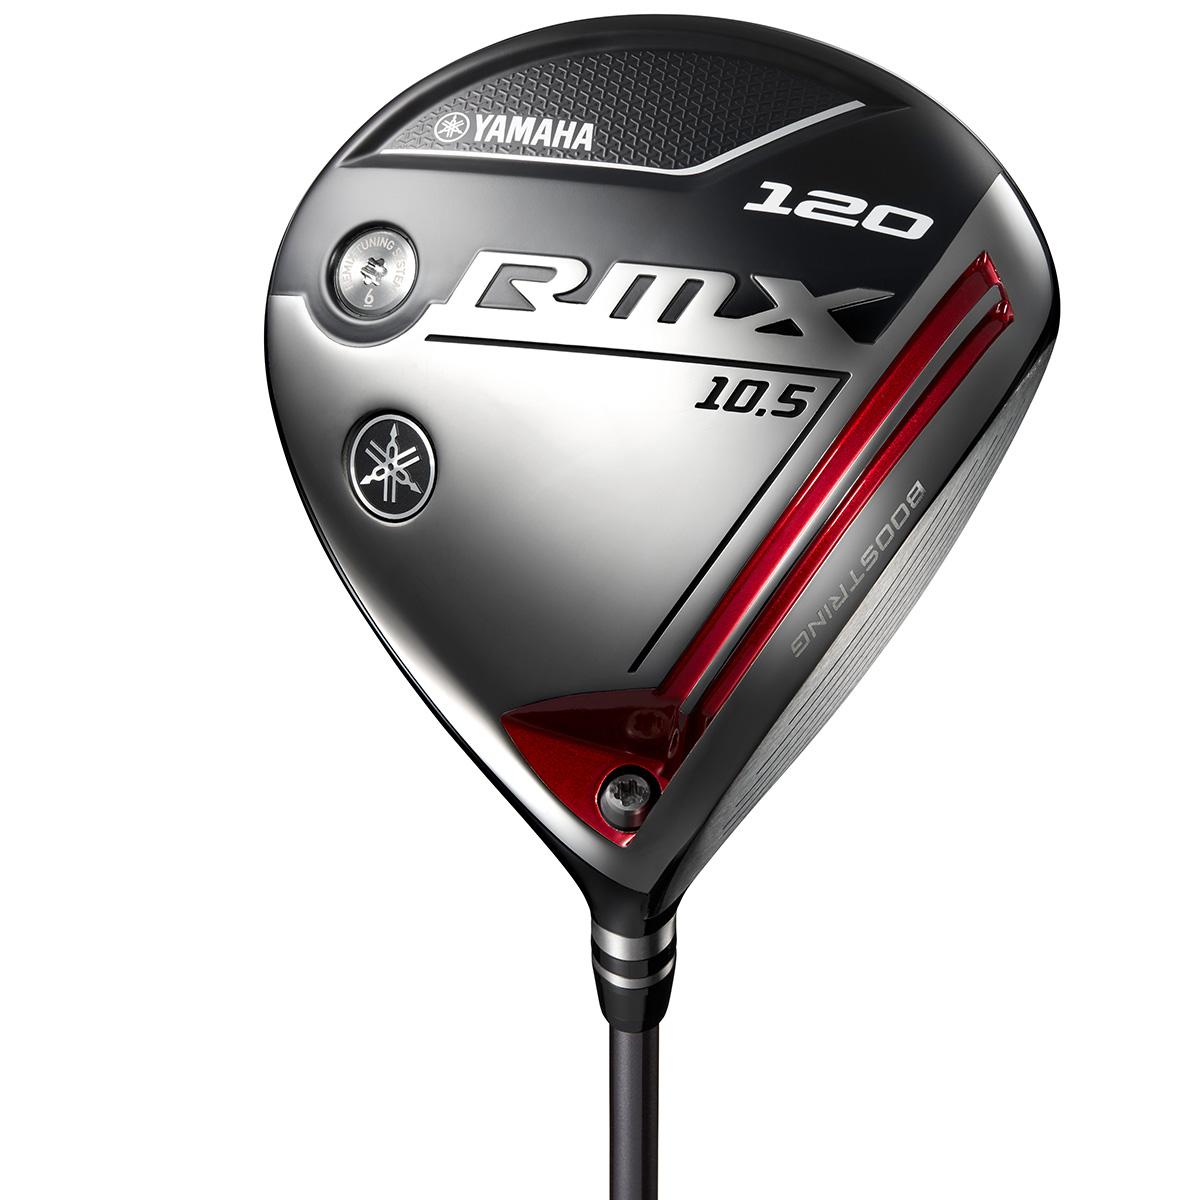 RMX 120 ドライバー TMX-420D